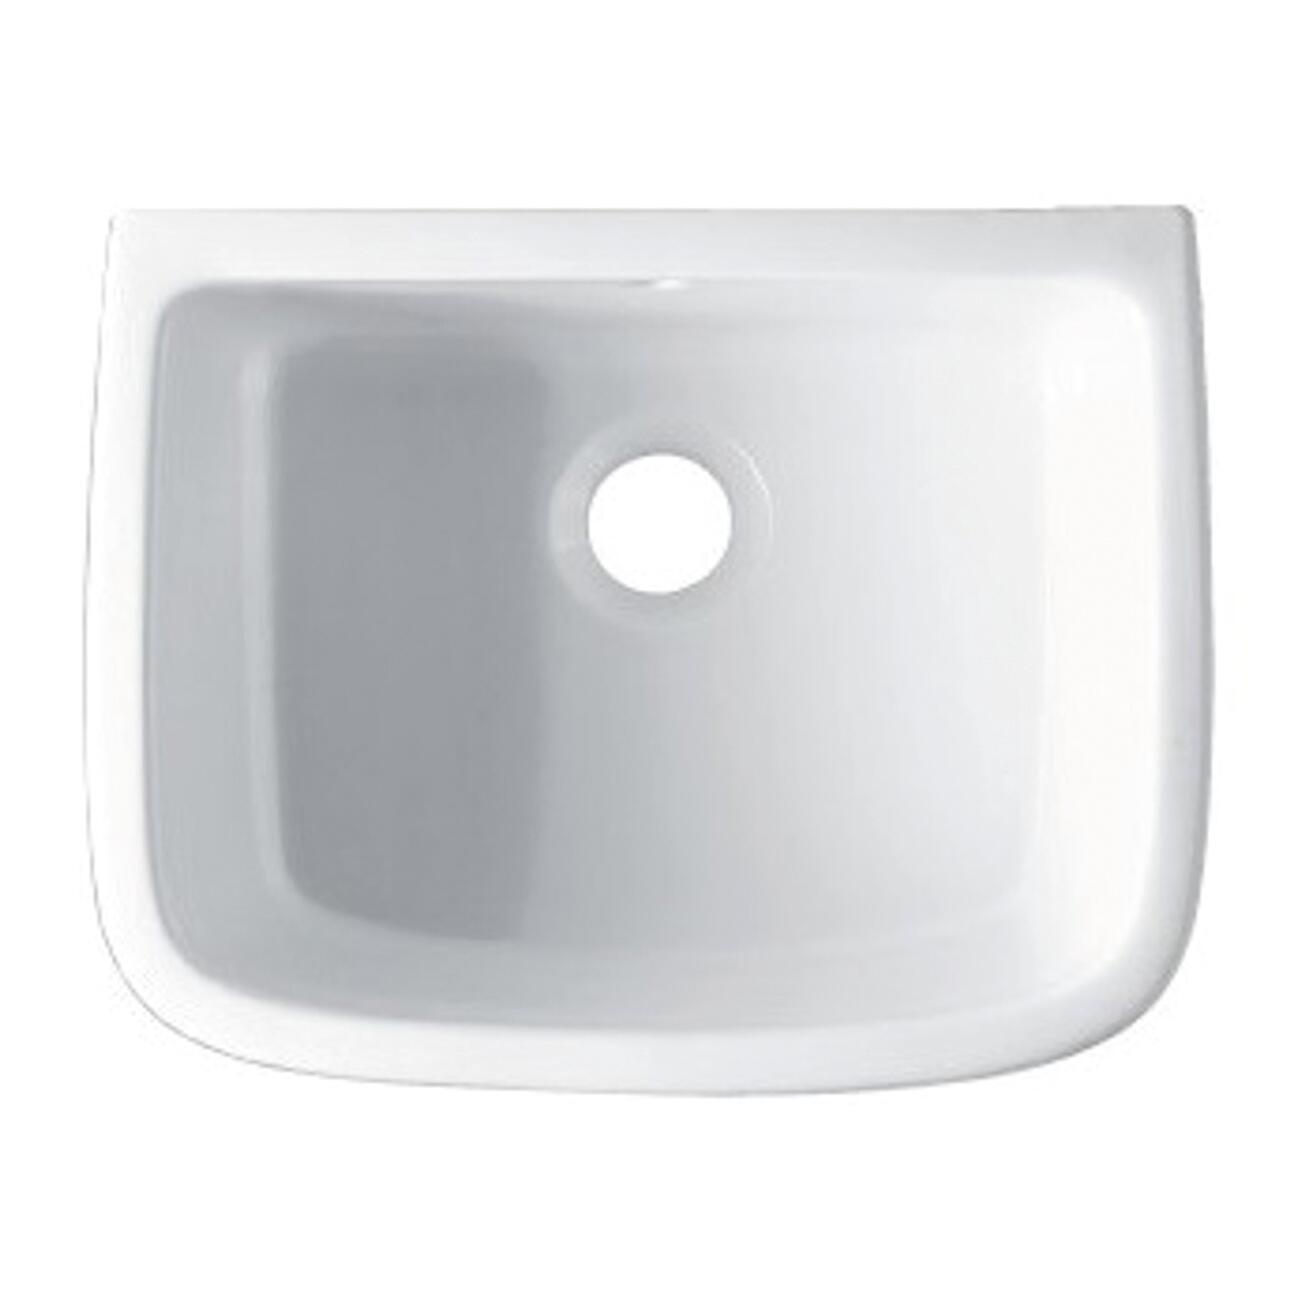 Lavatoio per bucato Basin Ceramic 48 x 25 x 40 cm - 2